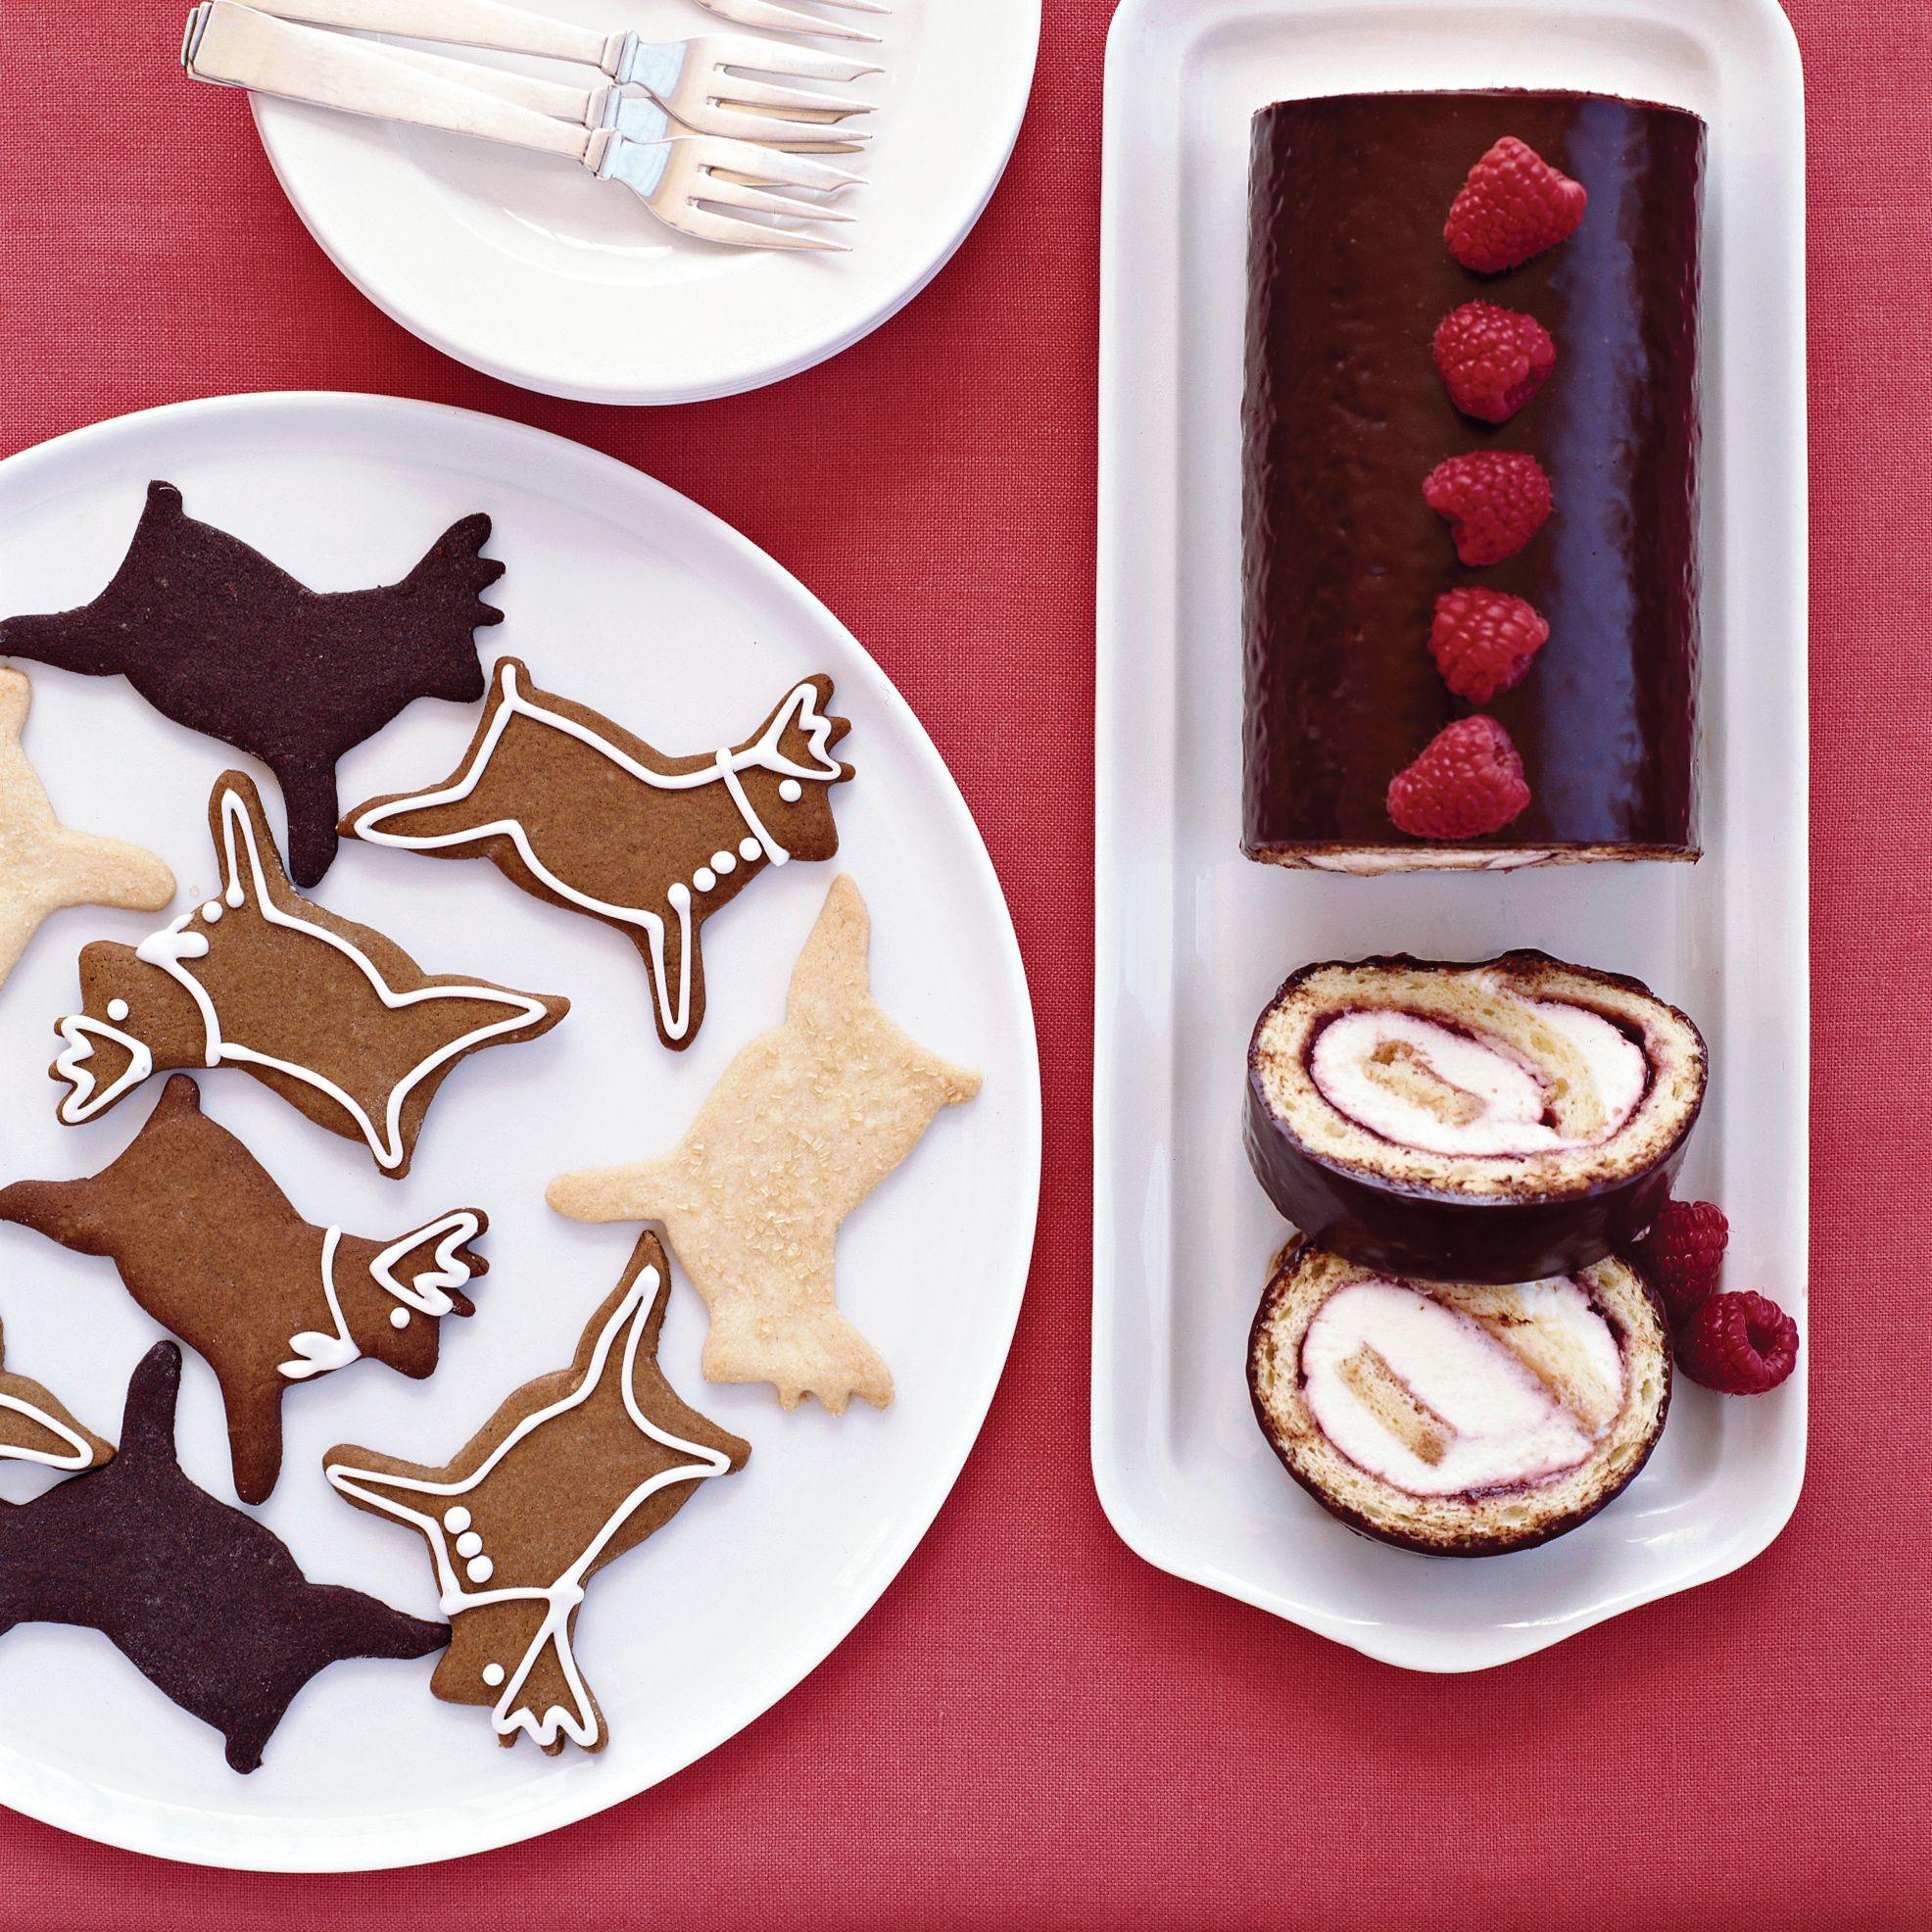 Chocolate Shortbread Cookies Recipe Recipe Gingerbread Cookies Chocolate Shortbread Cookies Cookie Recipes